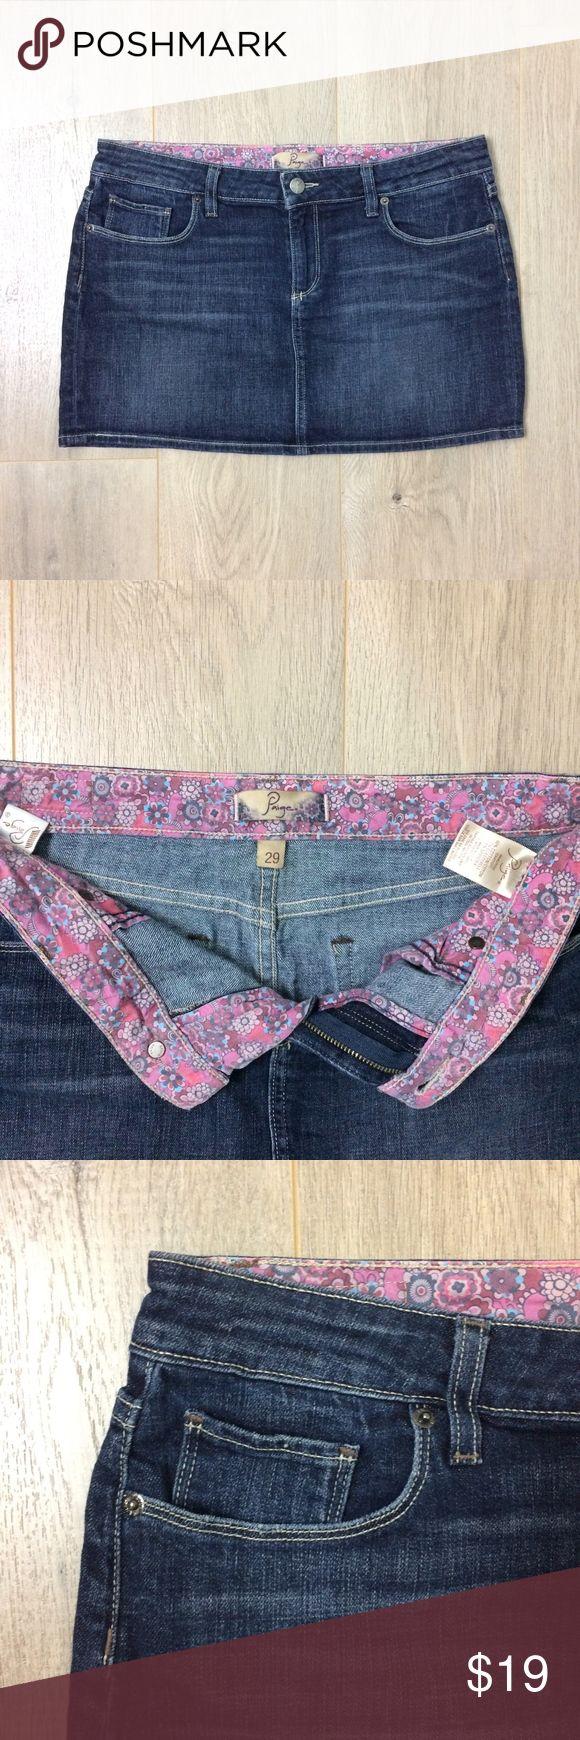 PAIGE Premium Denim Jean Mini Skirt PAIGE Premium Denim Jean Mini Skirt Distress Fade   Excellent Condition 100% Authentic Women Size 29   MSRP $170 Paige Jeans Skirts Mini